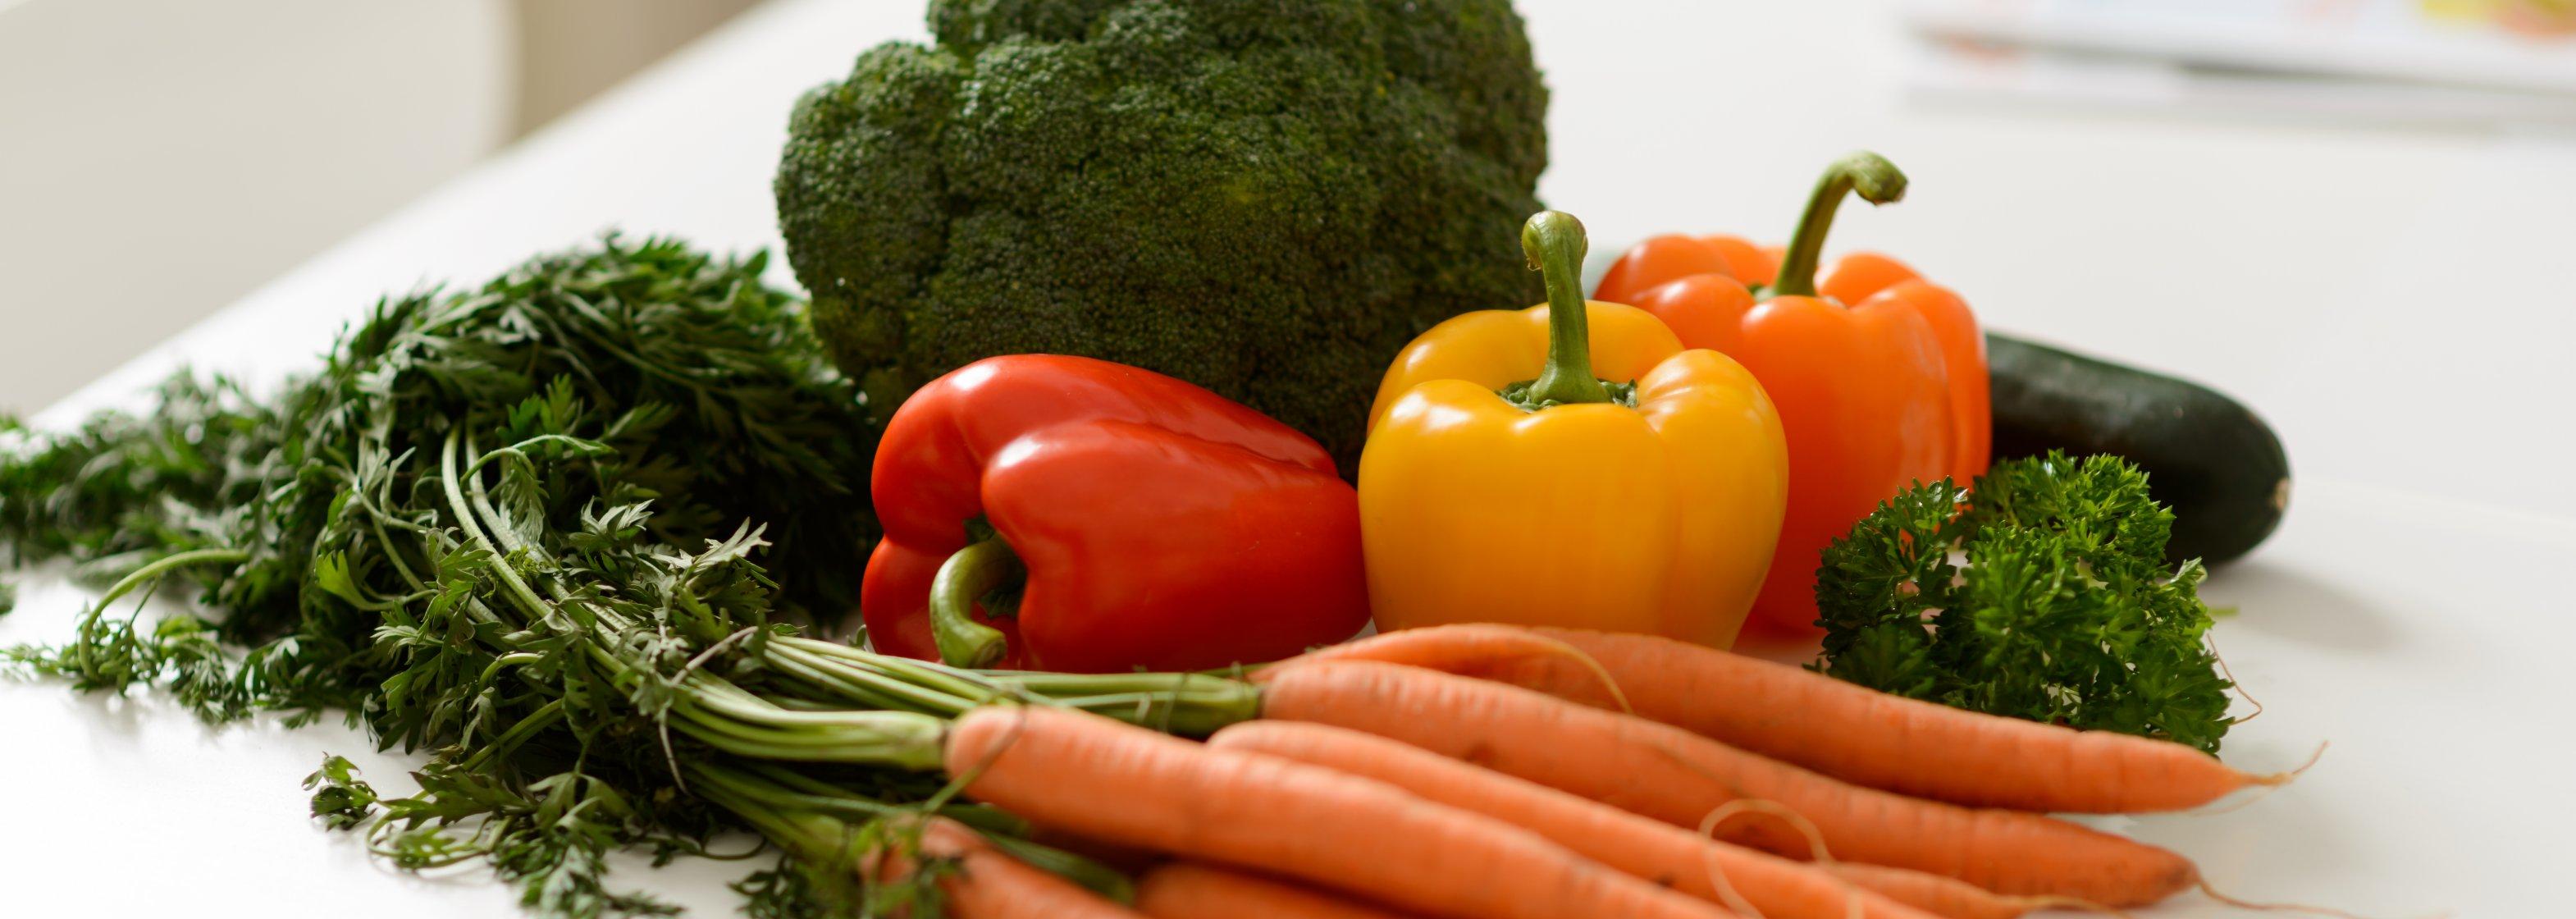 Frisches Gemüse mit Möhren, Paprika und Broccoli